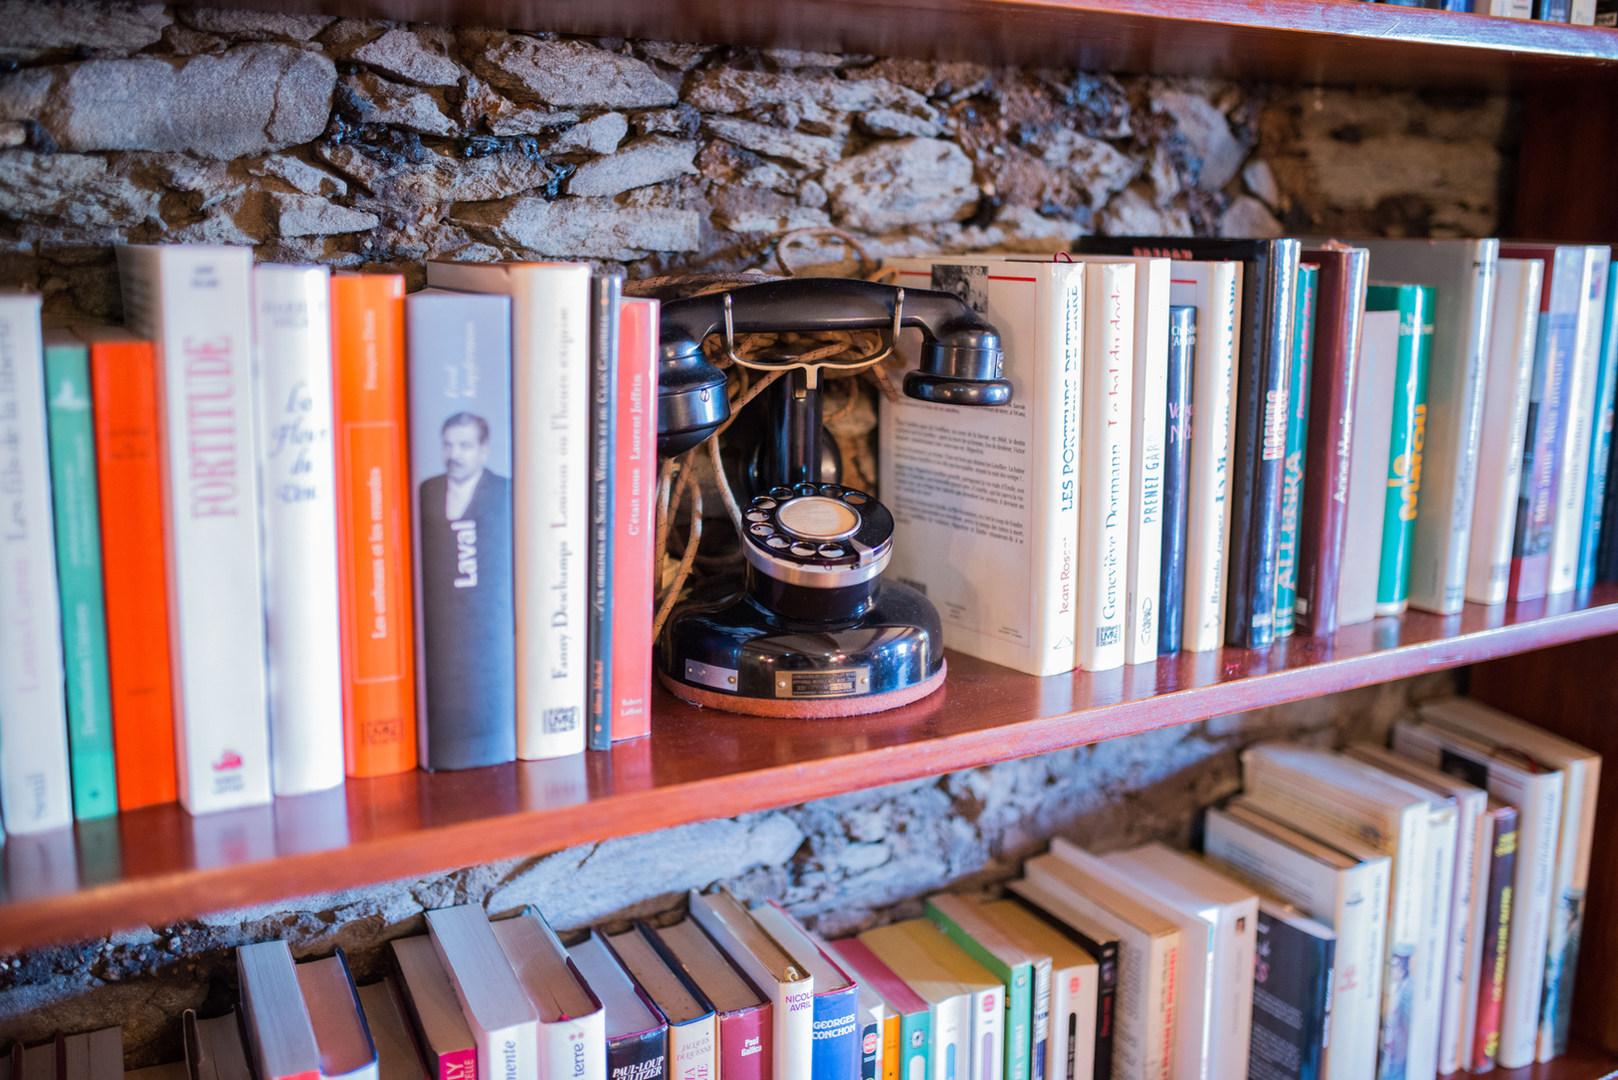 La bibliothèque de l'étage